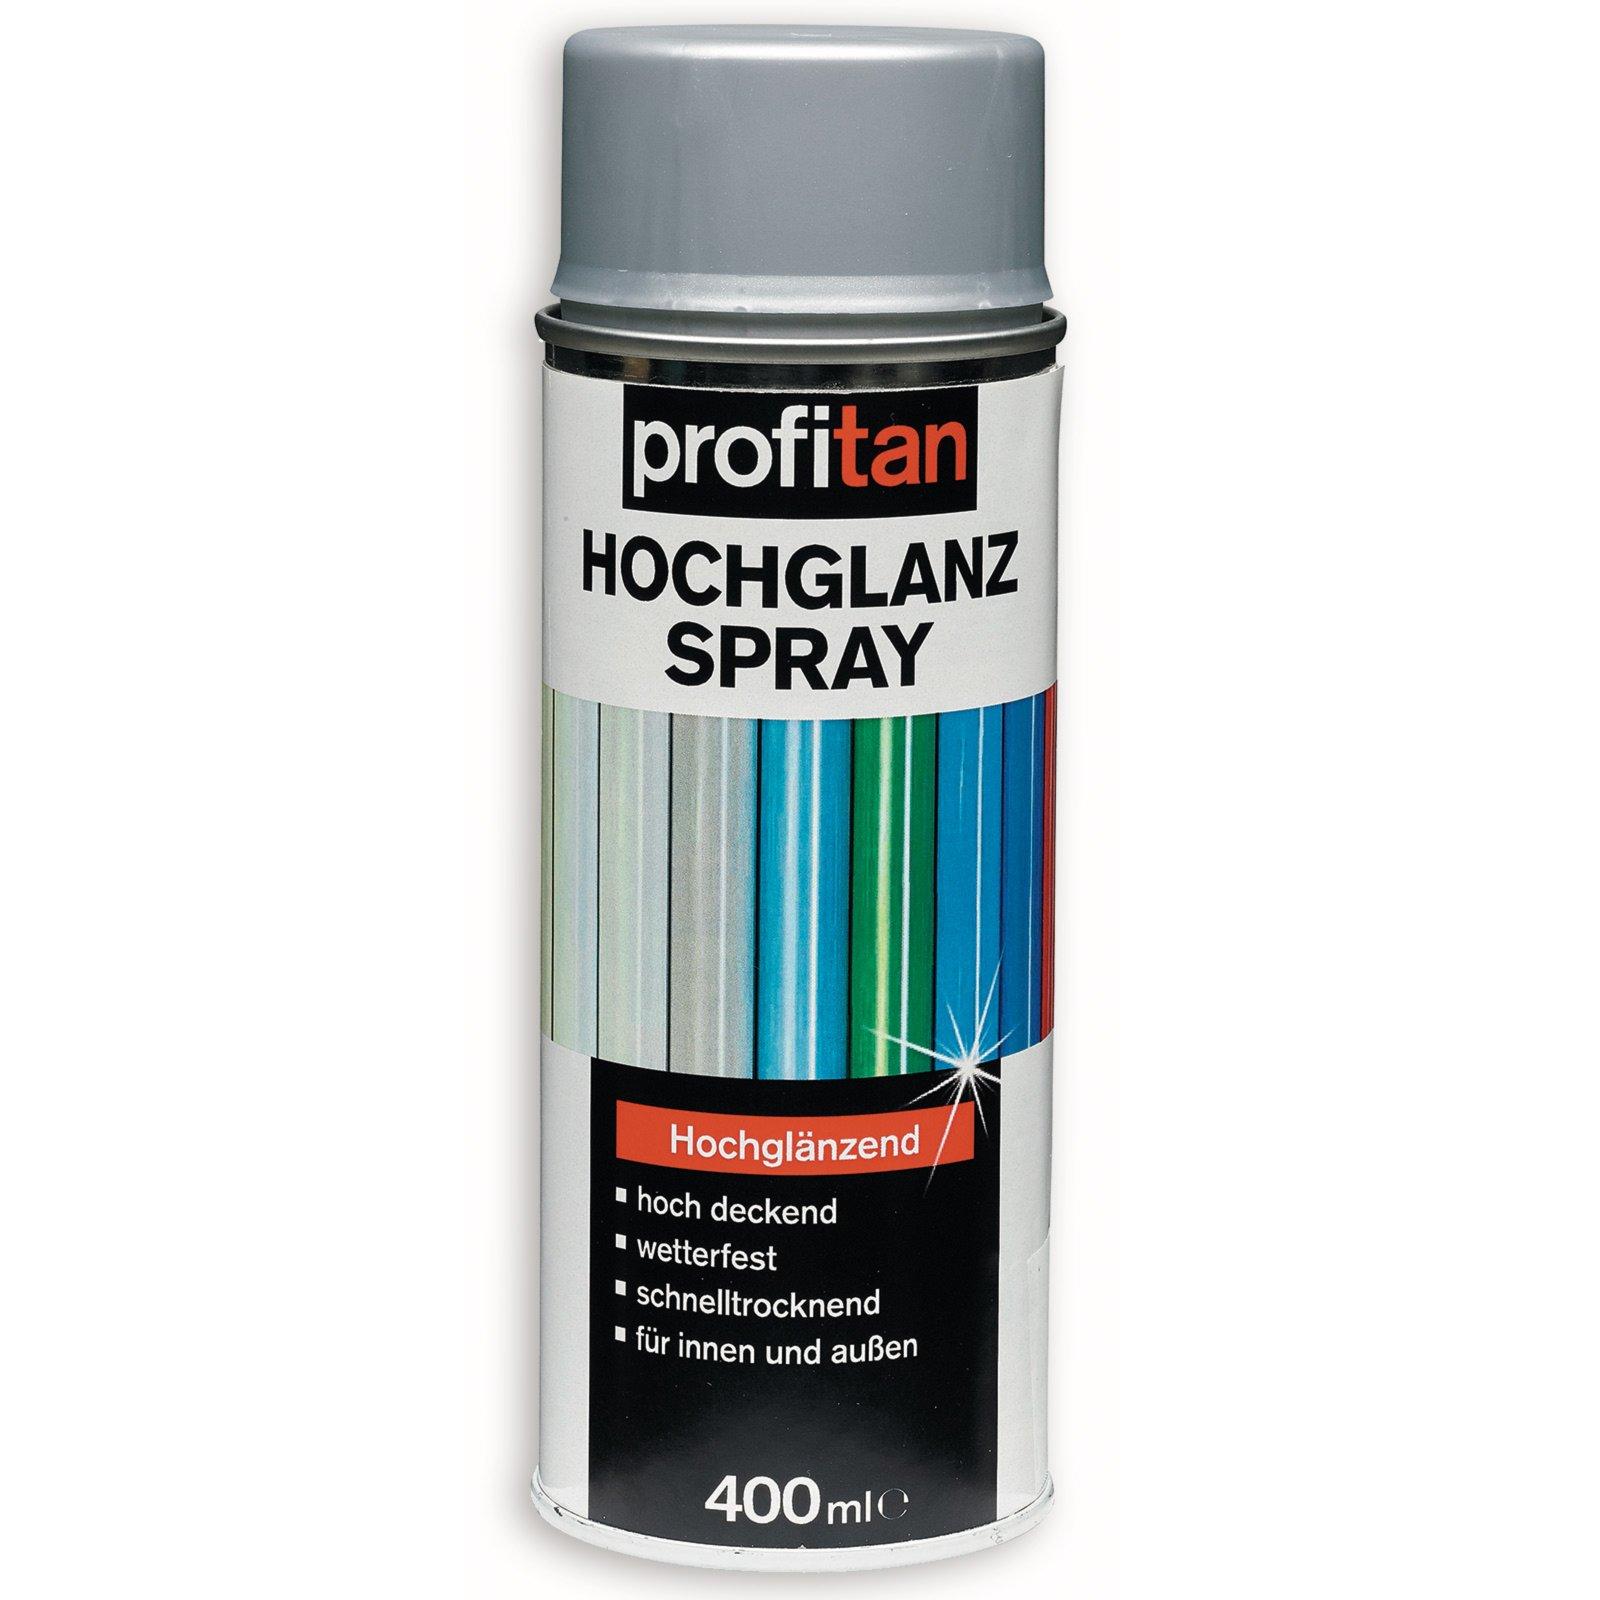 profitan Hochglanzspray - silbergrau - 400 ml